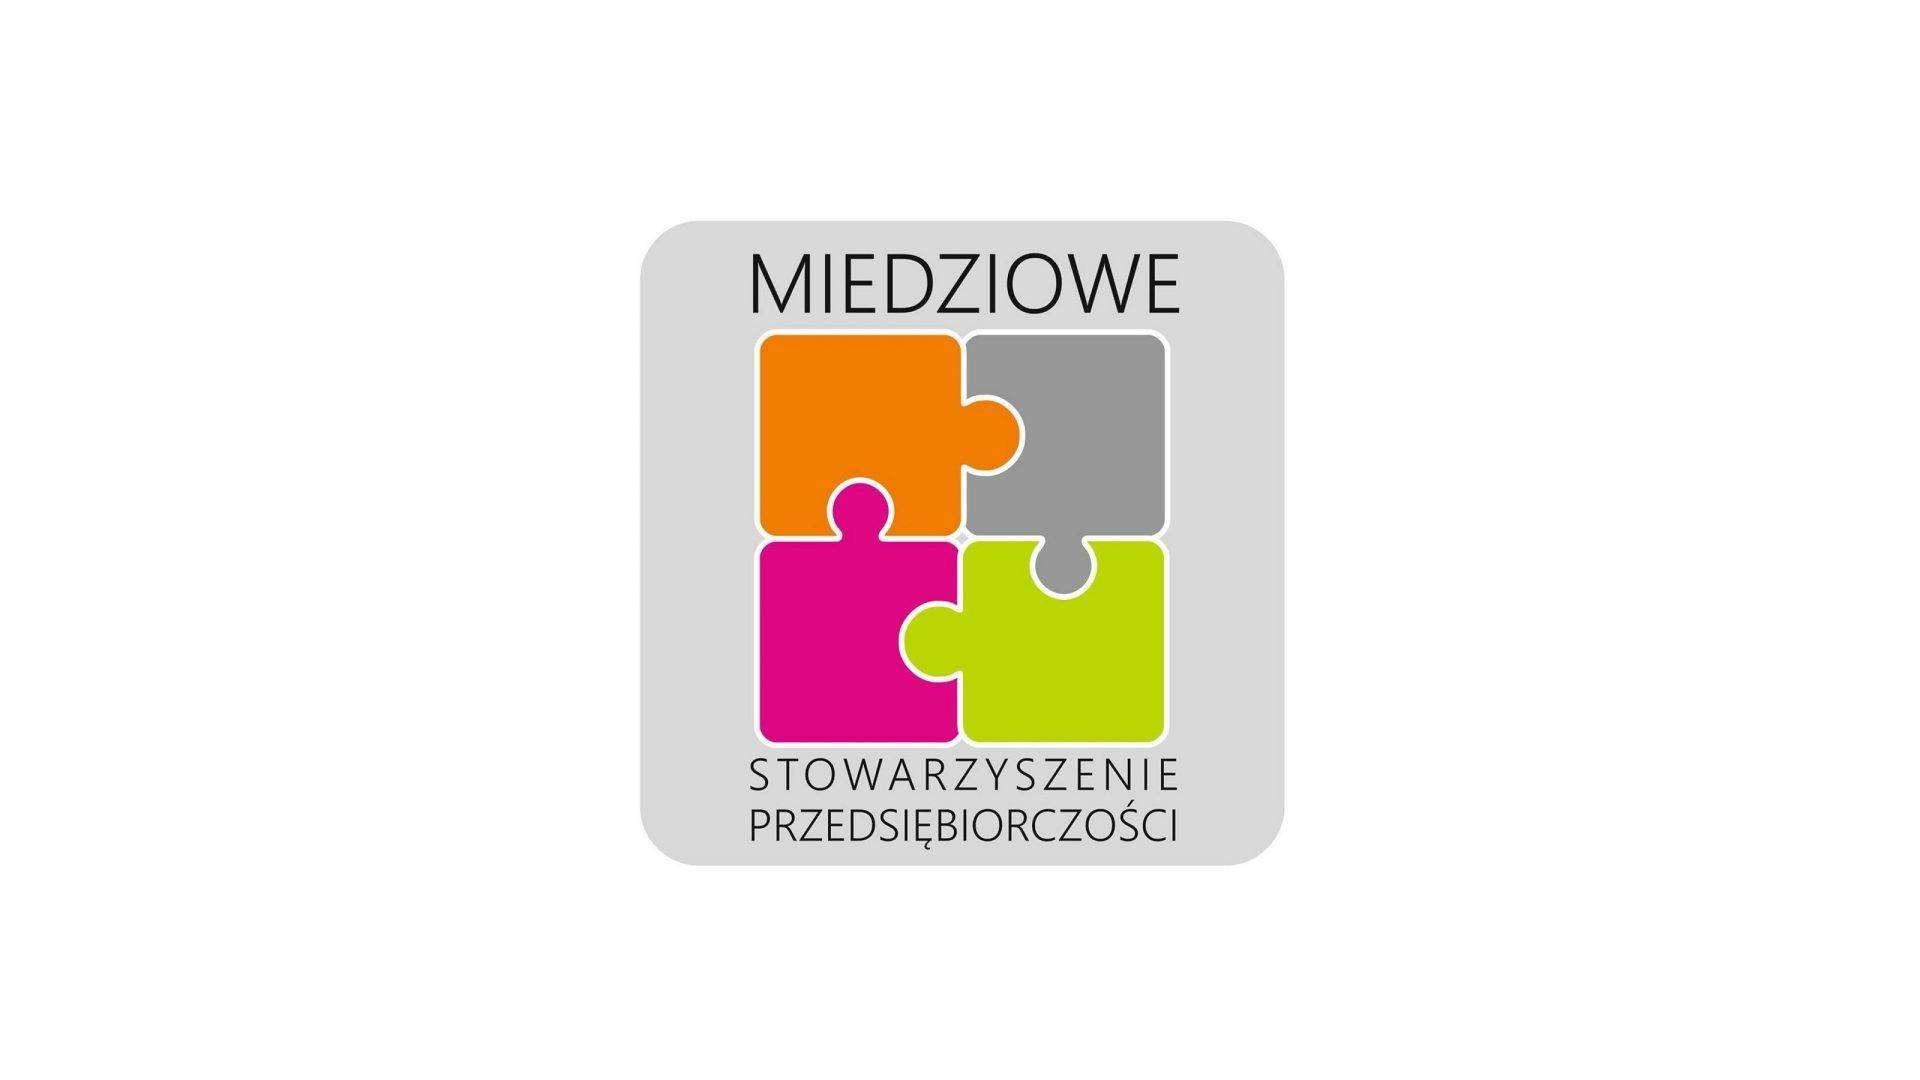 logo Miedziowe Stowarzyszenie Przedsiębiorczości